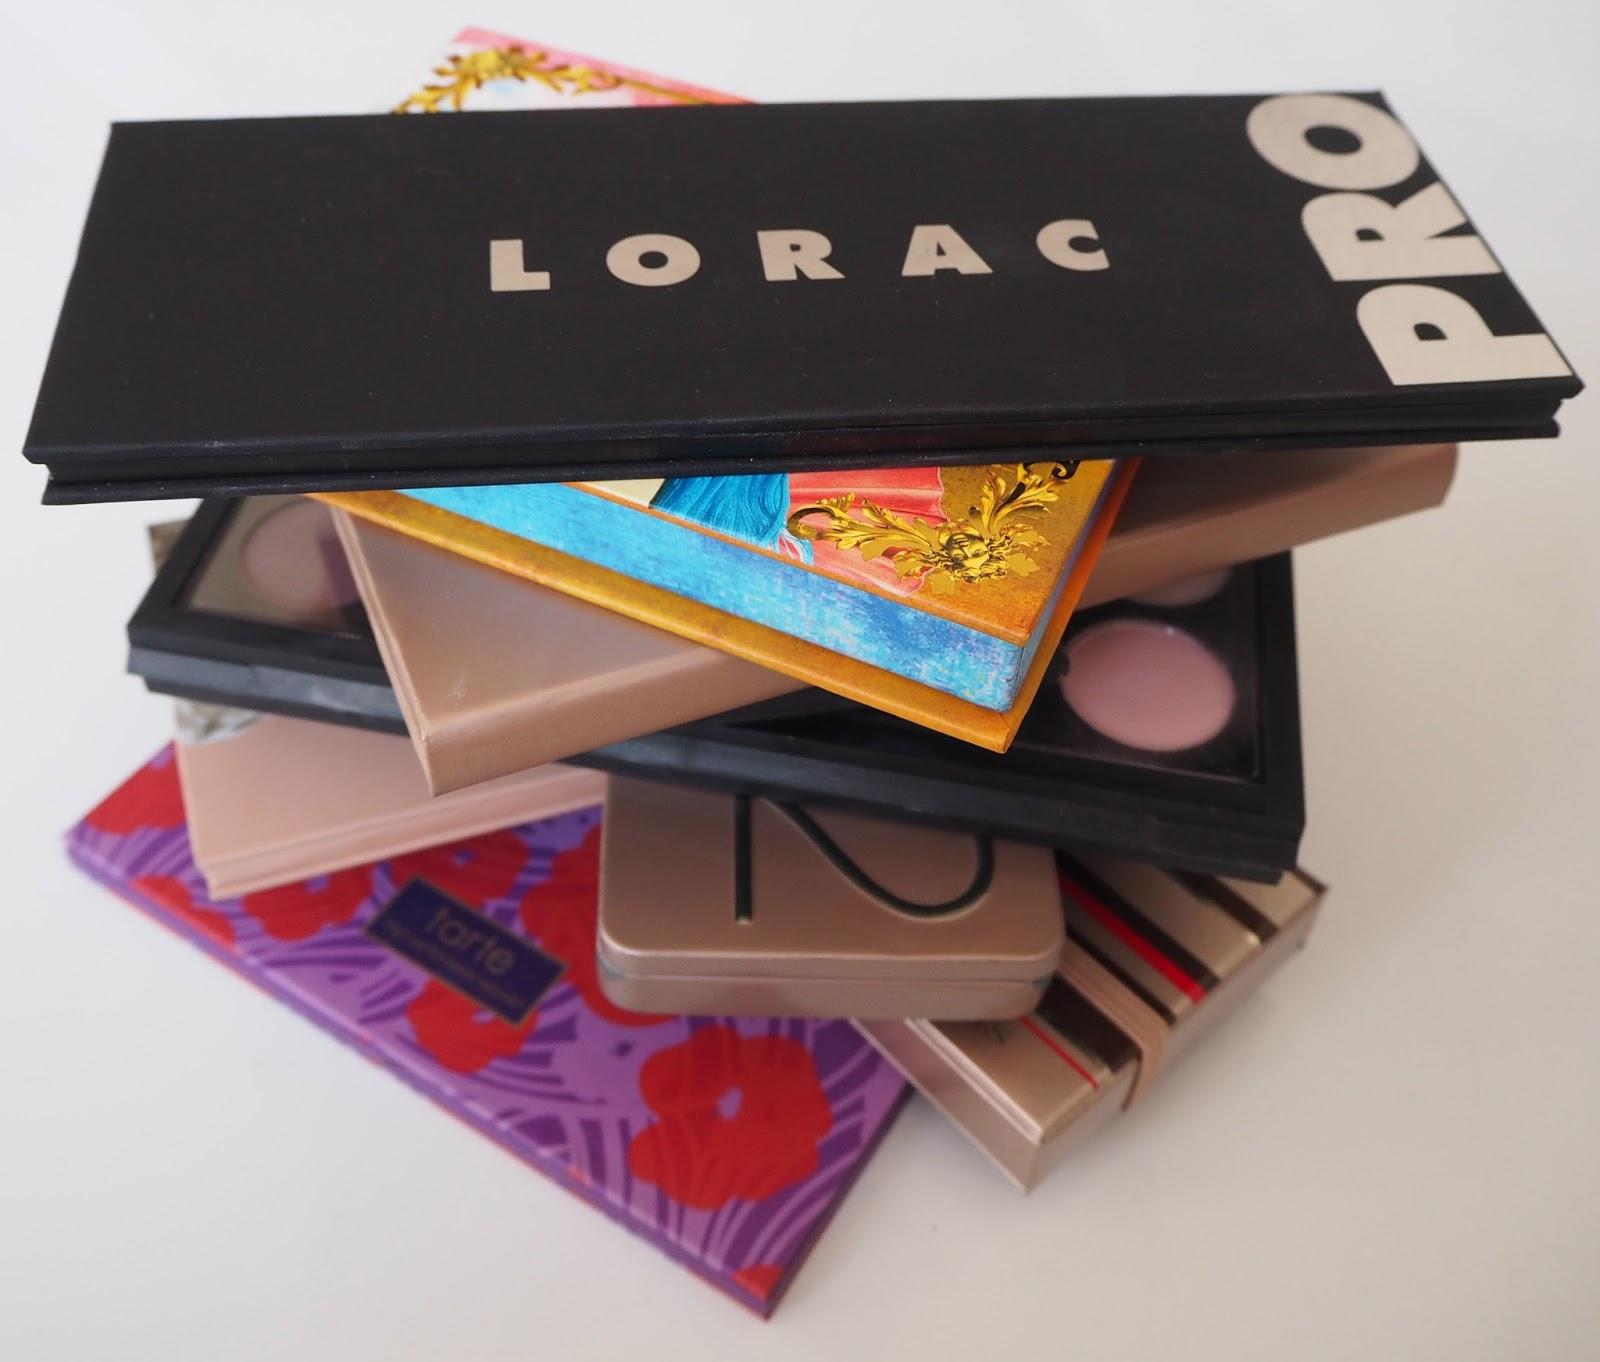 LORAC Pro Palette 1 review